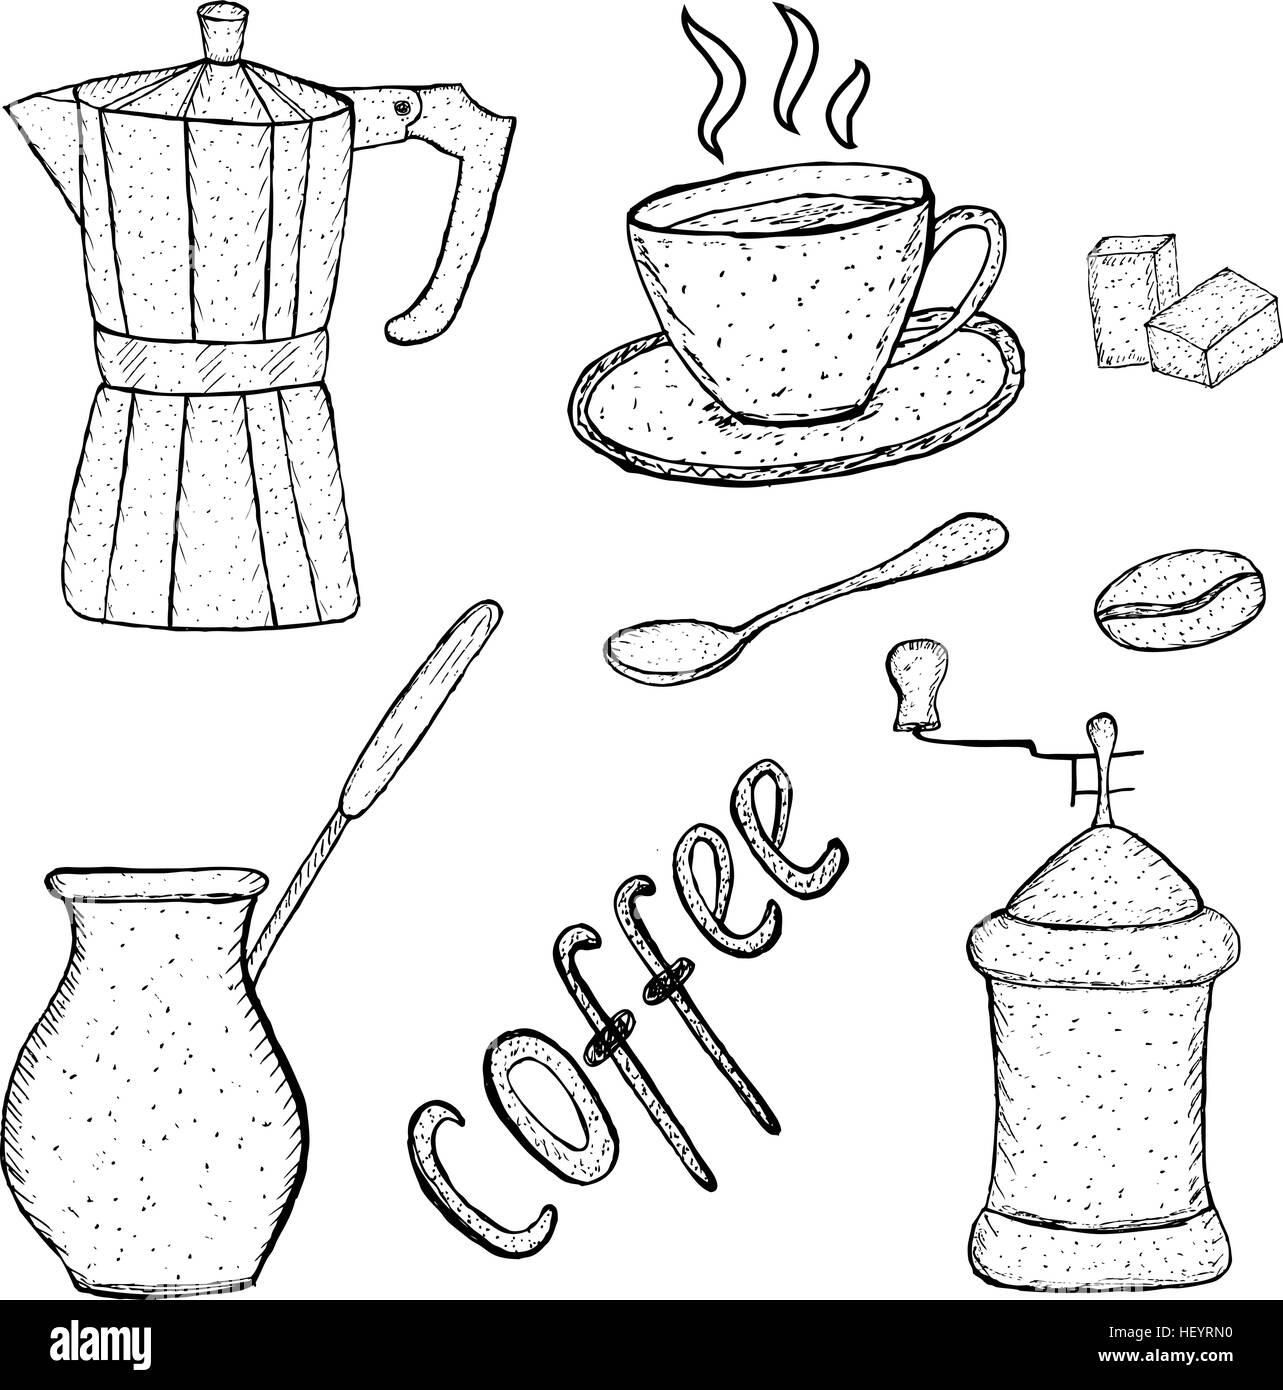 Sammlung Von Kaffee Skizzierwerkzeug Hand Zeichnen Vintage Stil Vektor Illustration Stock Vektorgrafik Alamy